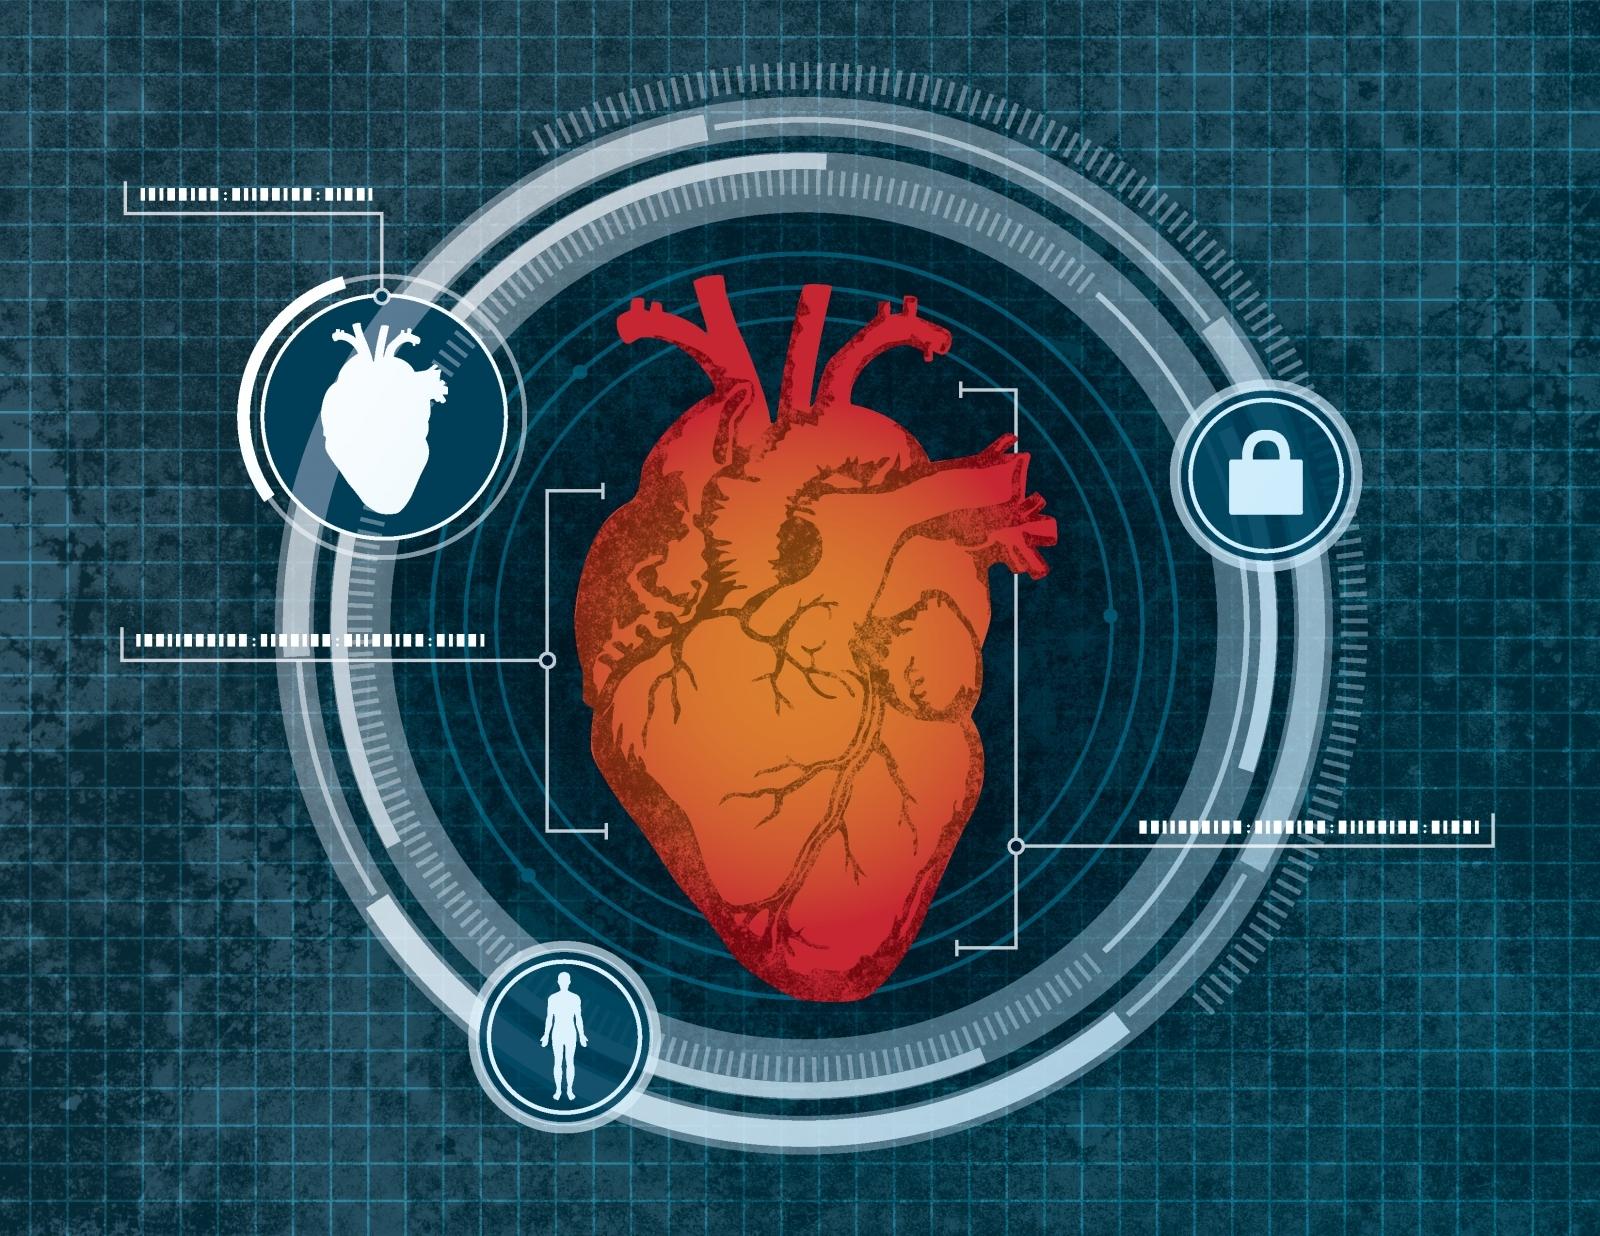 Heart scan biometrics